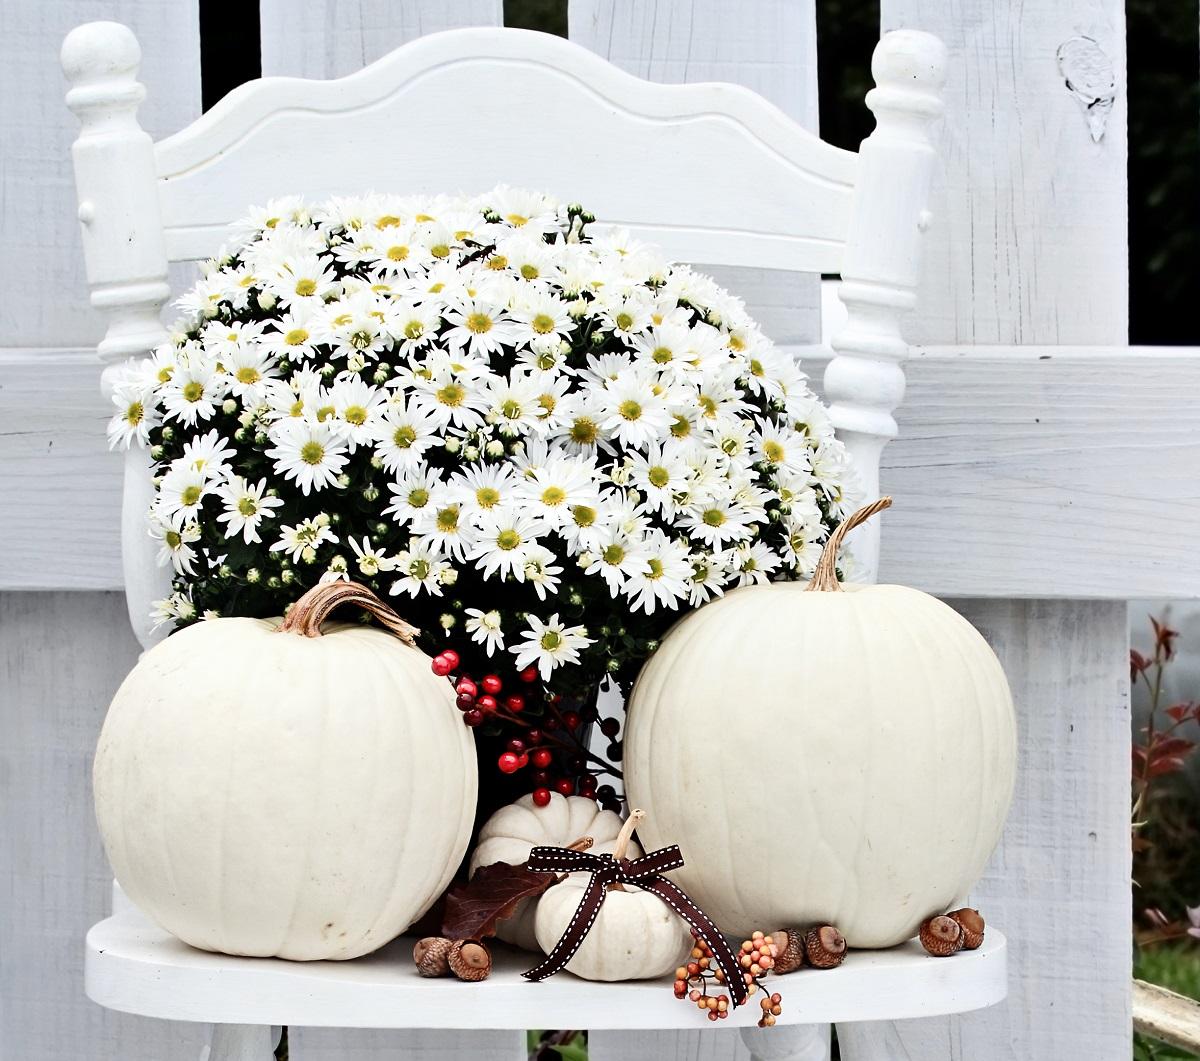 Biała dynia modnym elementem jesiennych dekoracji